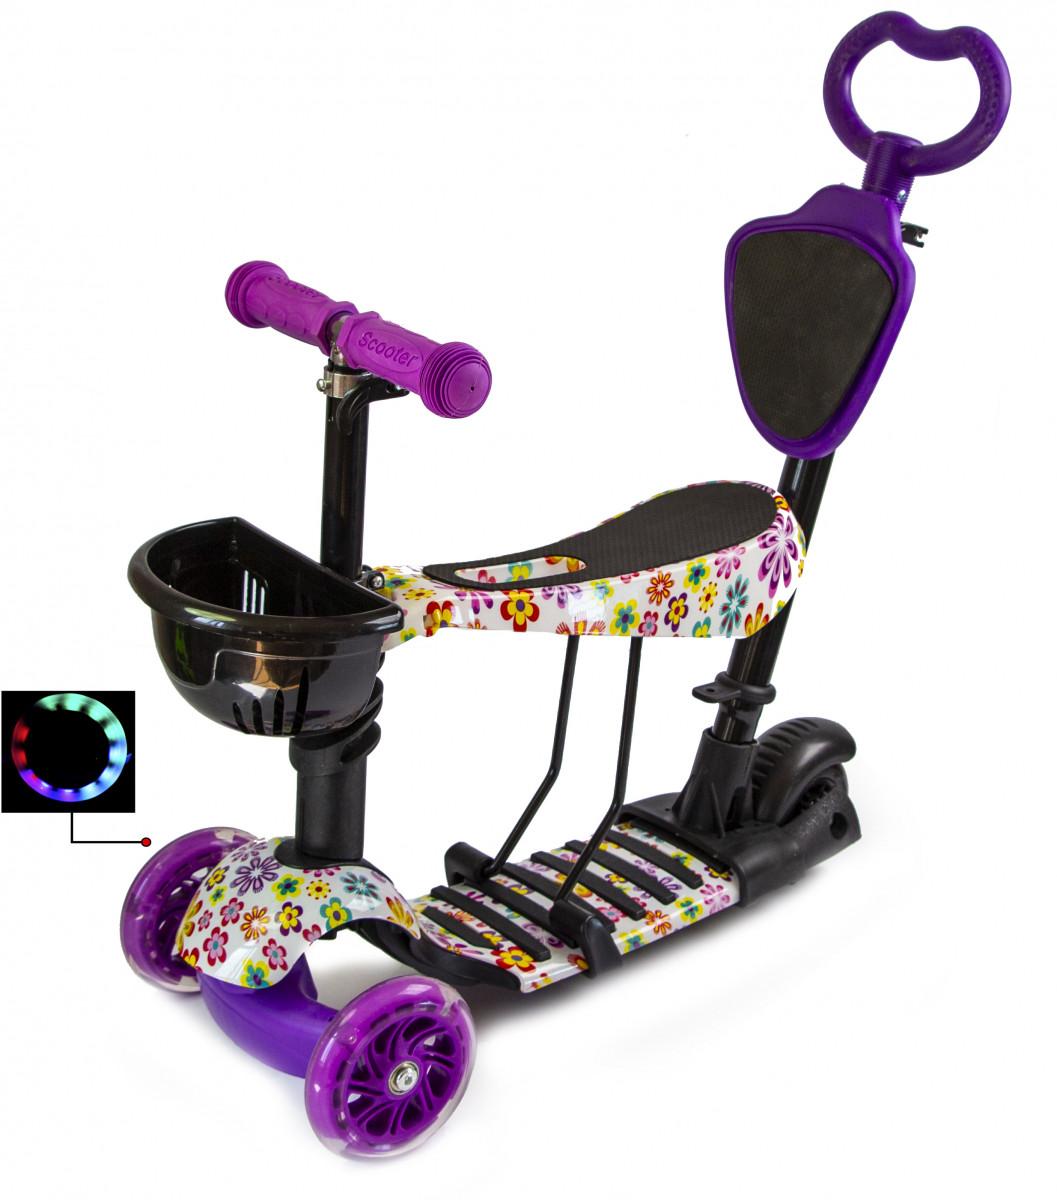 Детский самокат Scooter 5 в 1 Фиолетовый Цветочек с рисунком и родительской ручкой